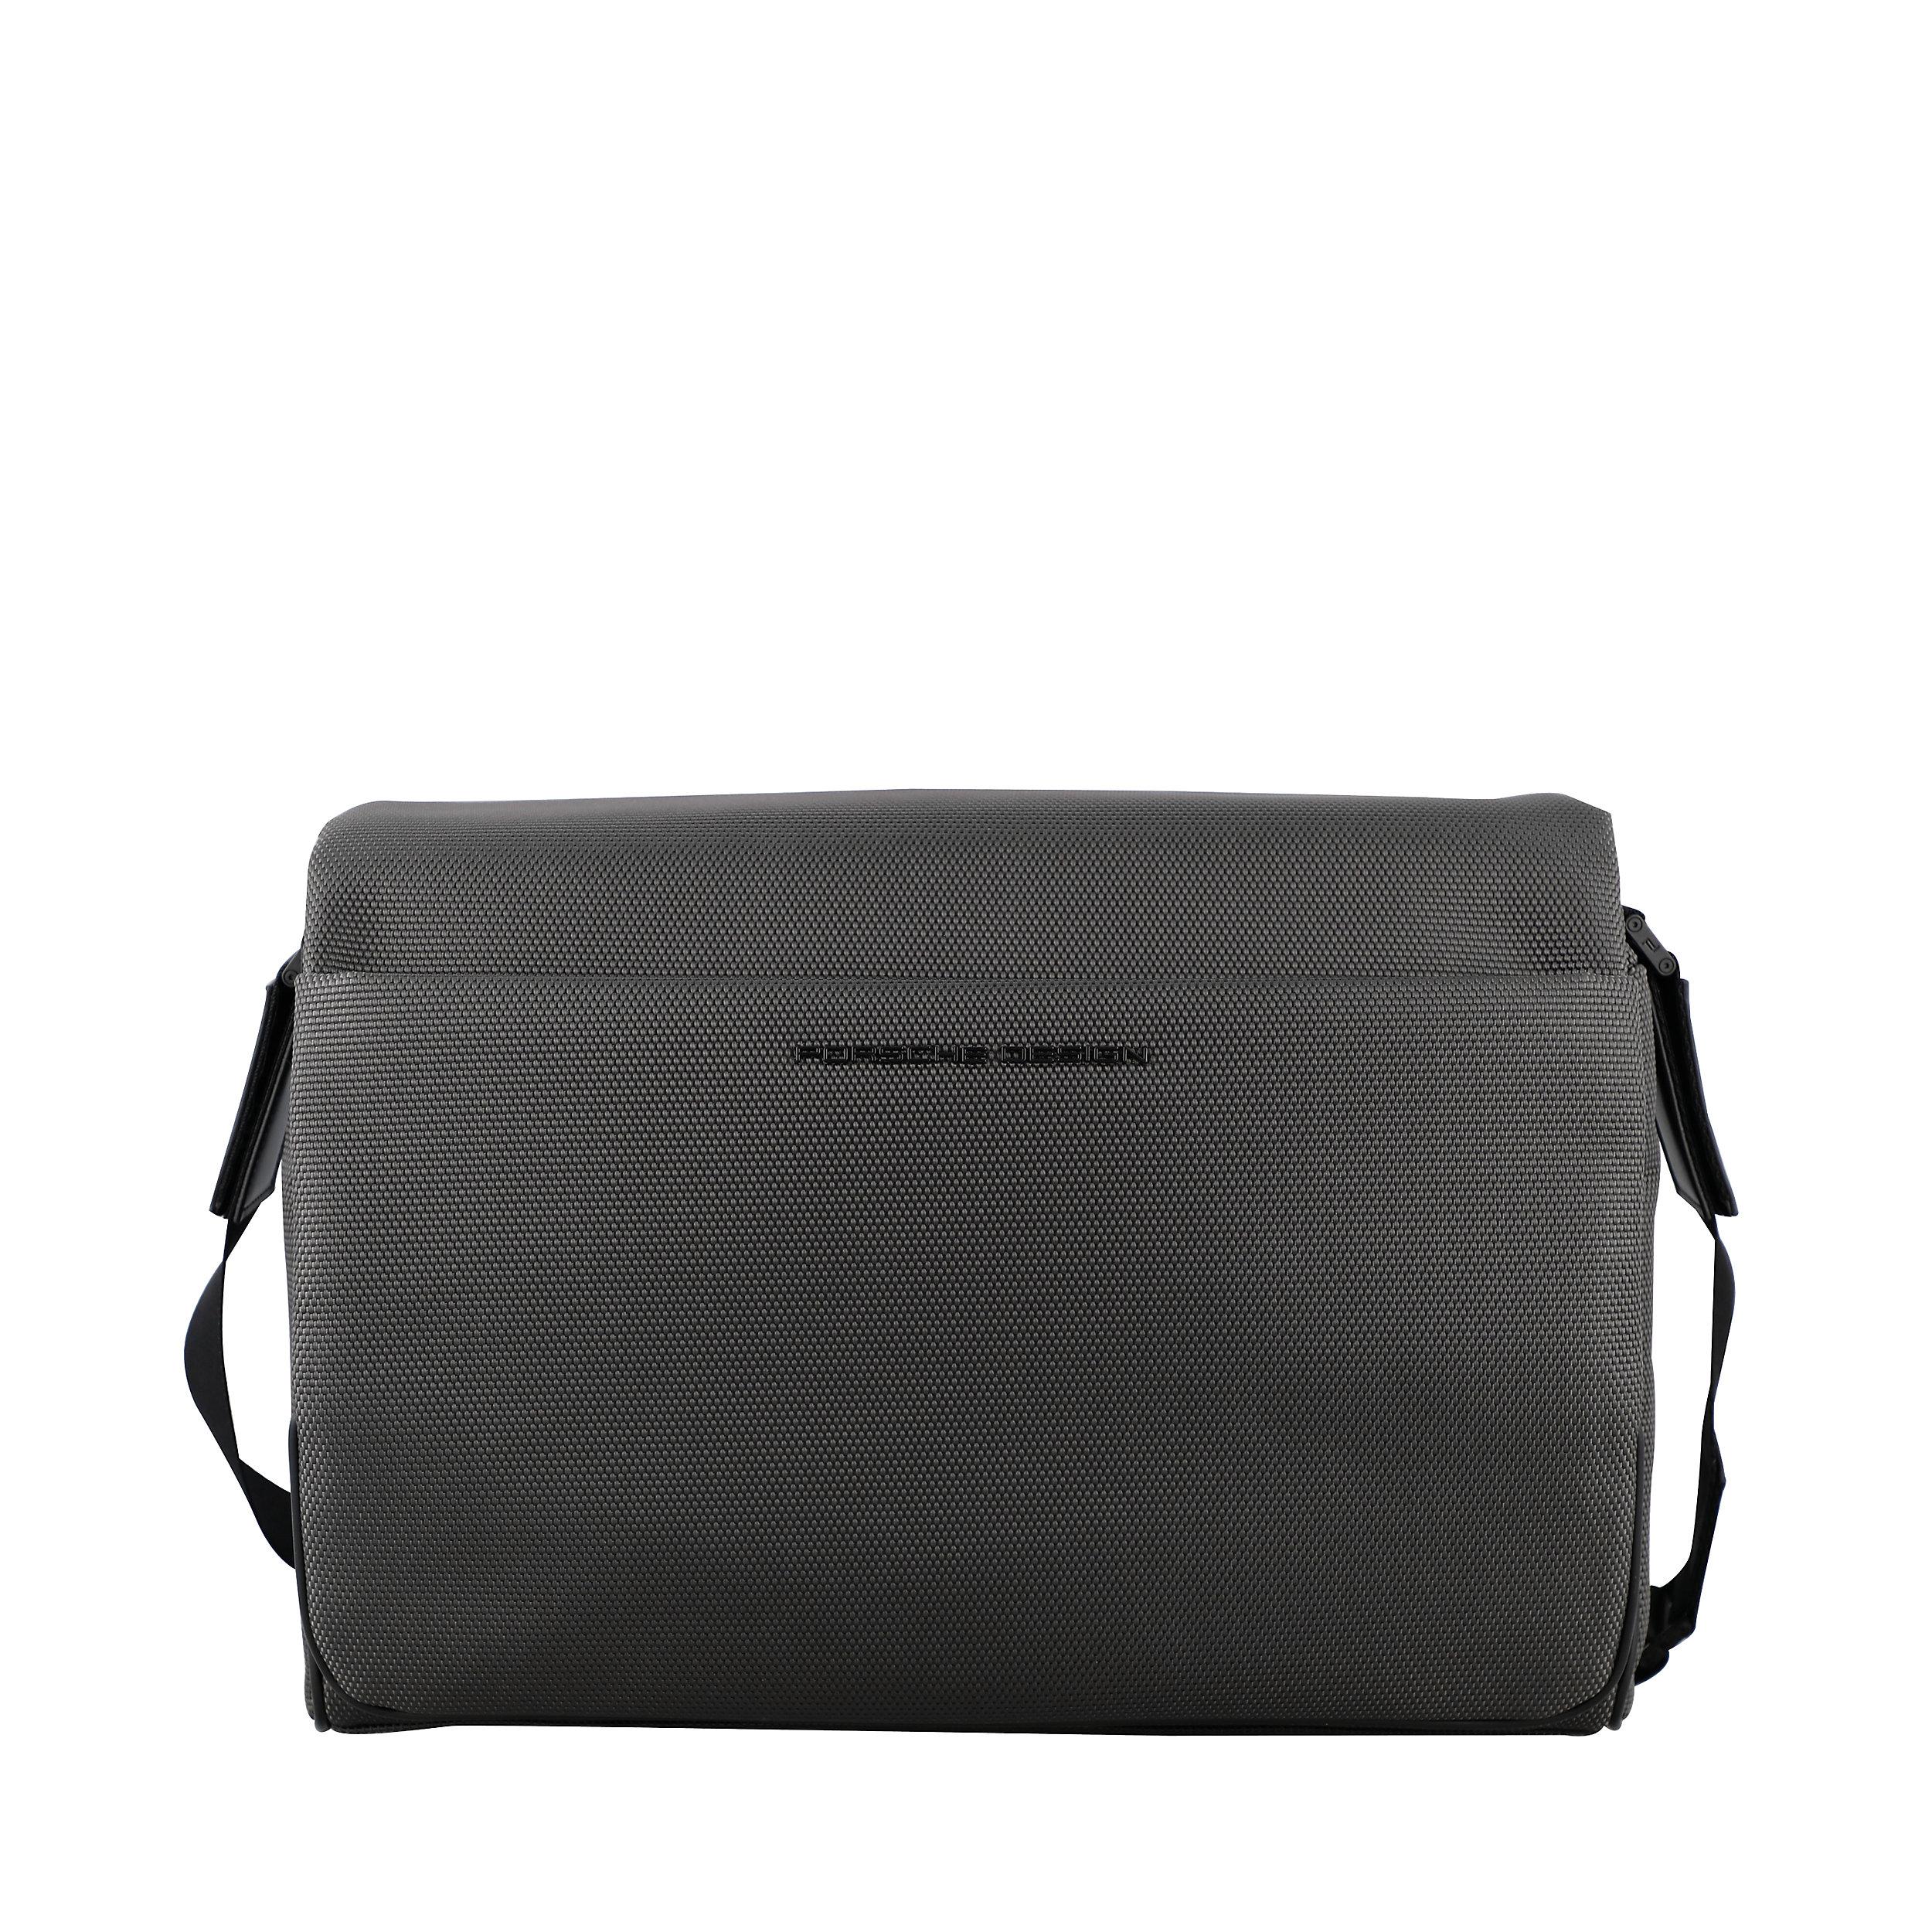 Messenger Bag Messenger LHF RFID Roadster 4.1